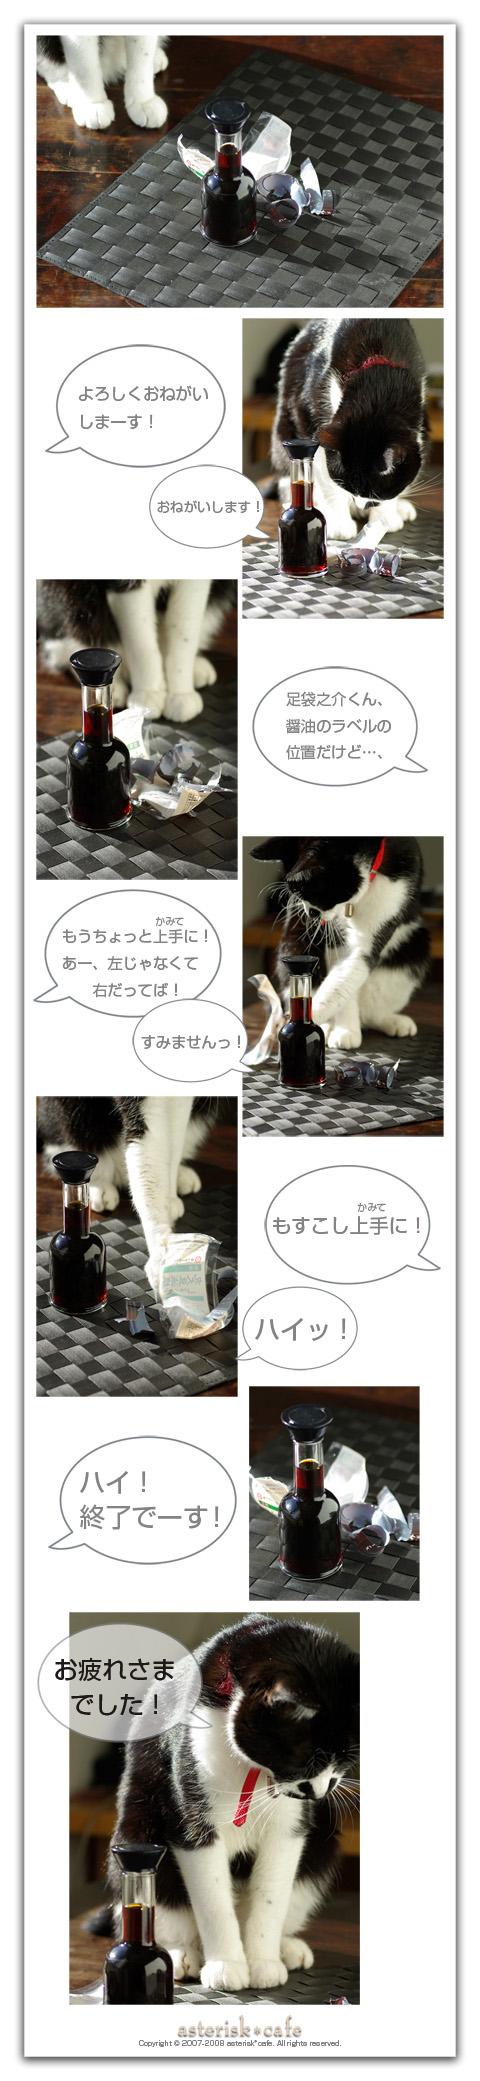 足袋之介ニャ!Vol.3 ~カメラアシスタント体験記 _a0136878_1645924.jpg